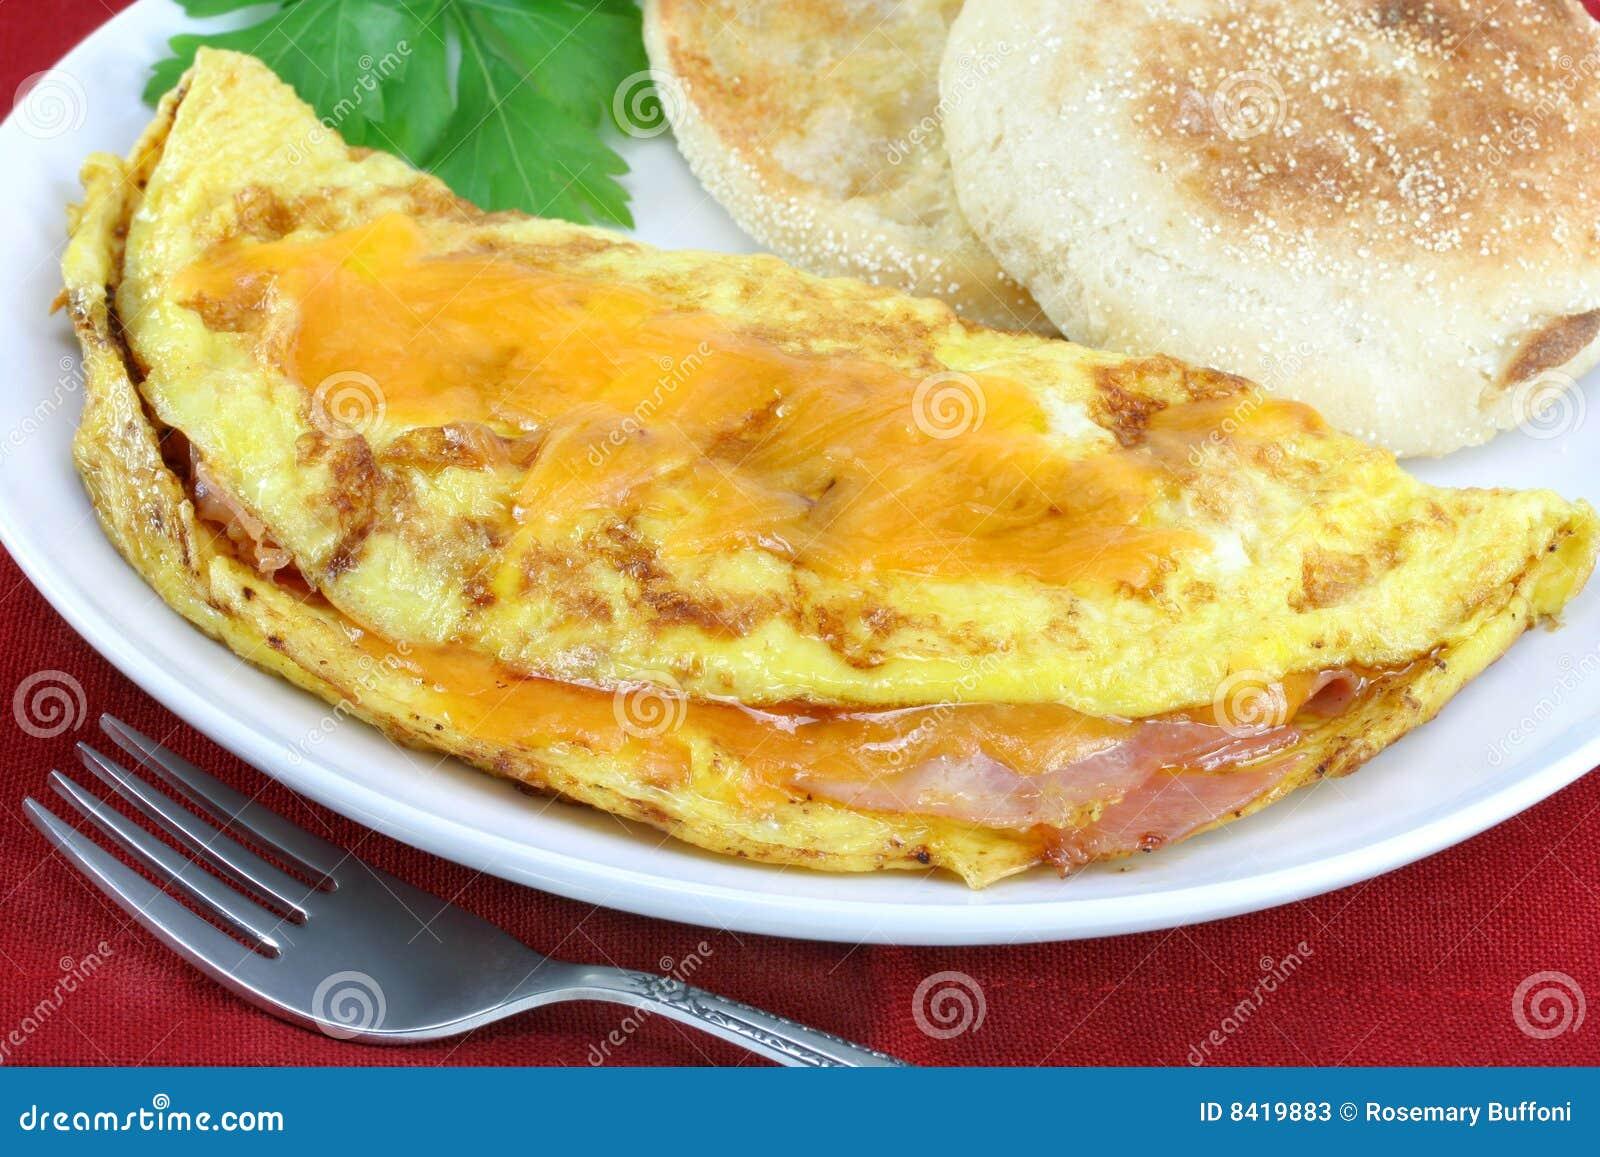 omelett mit schinken und k se stockfotos bild 8419883. Black Bedroom Furniture Sets. Home Design Ideas